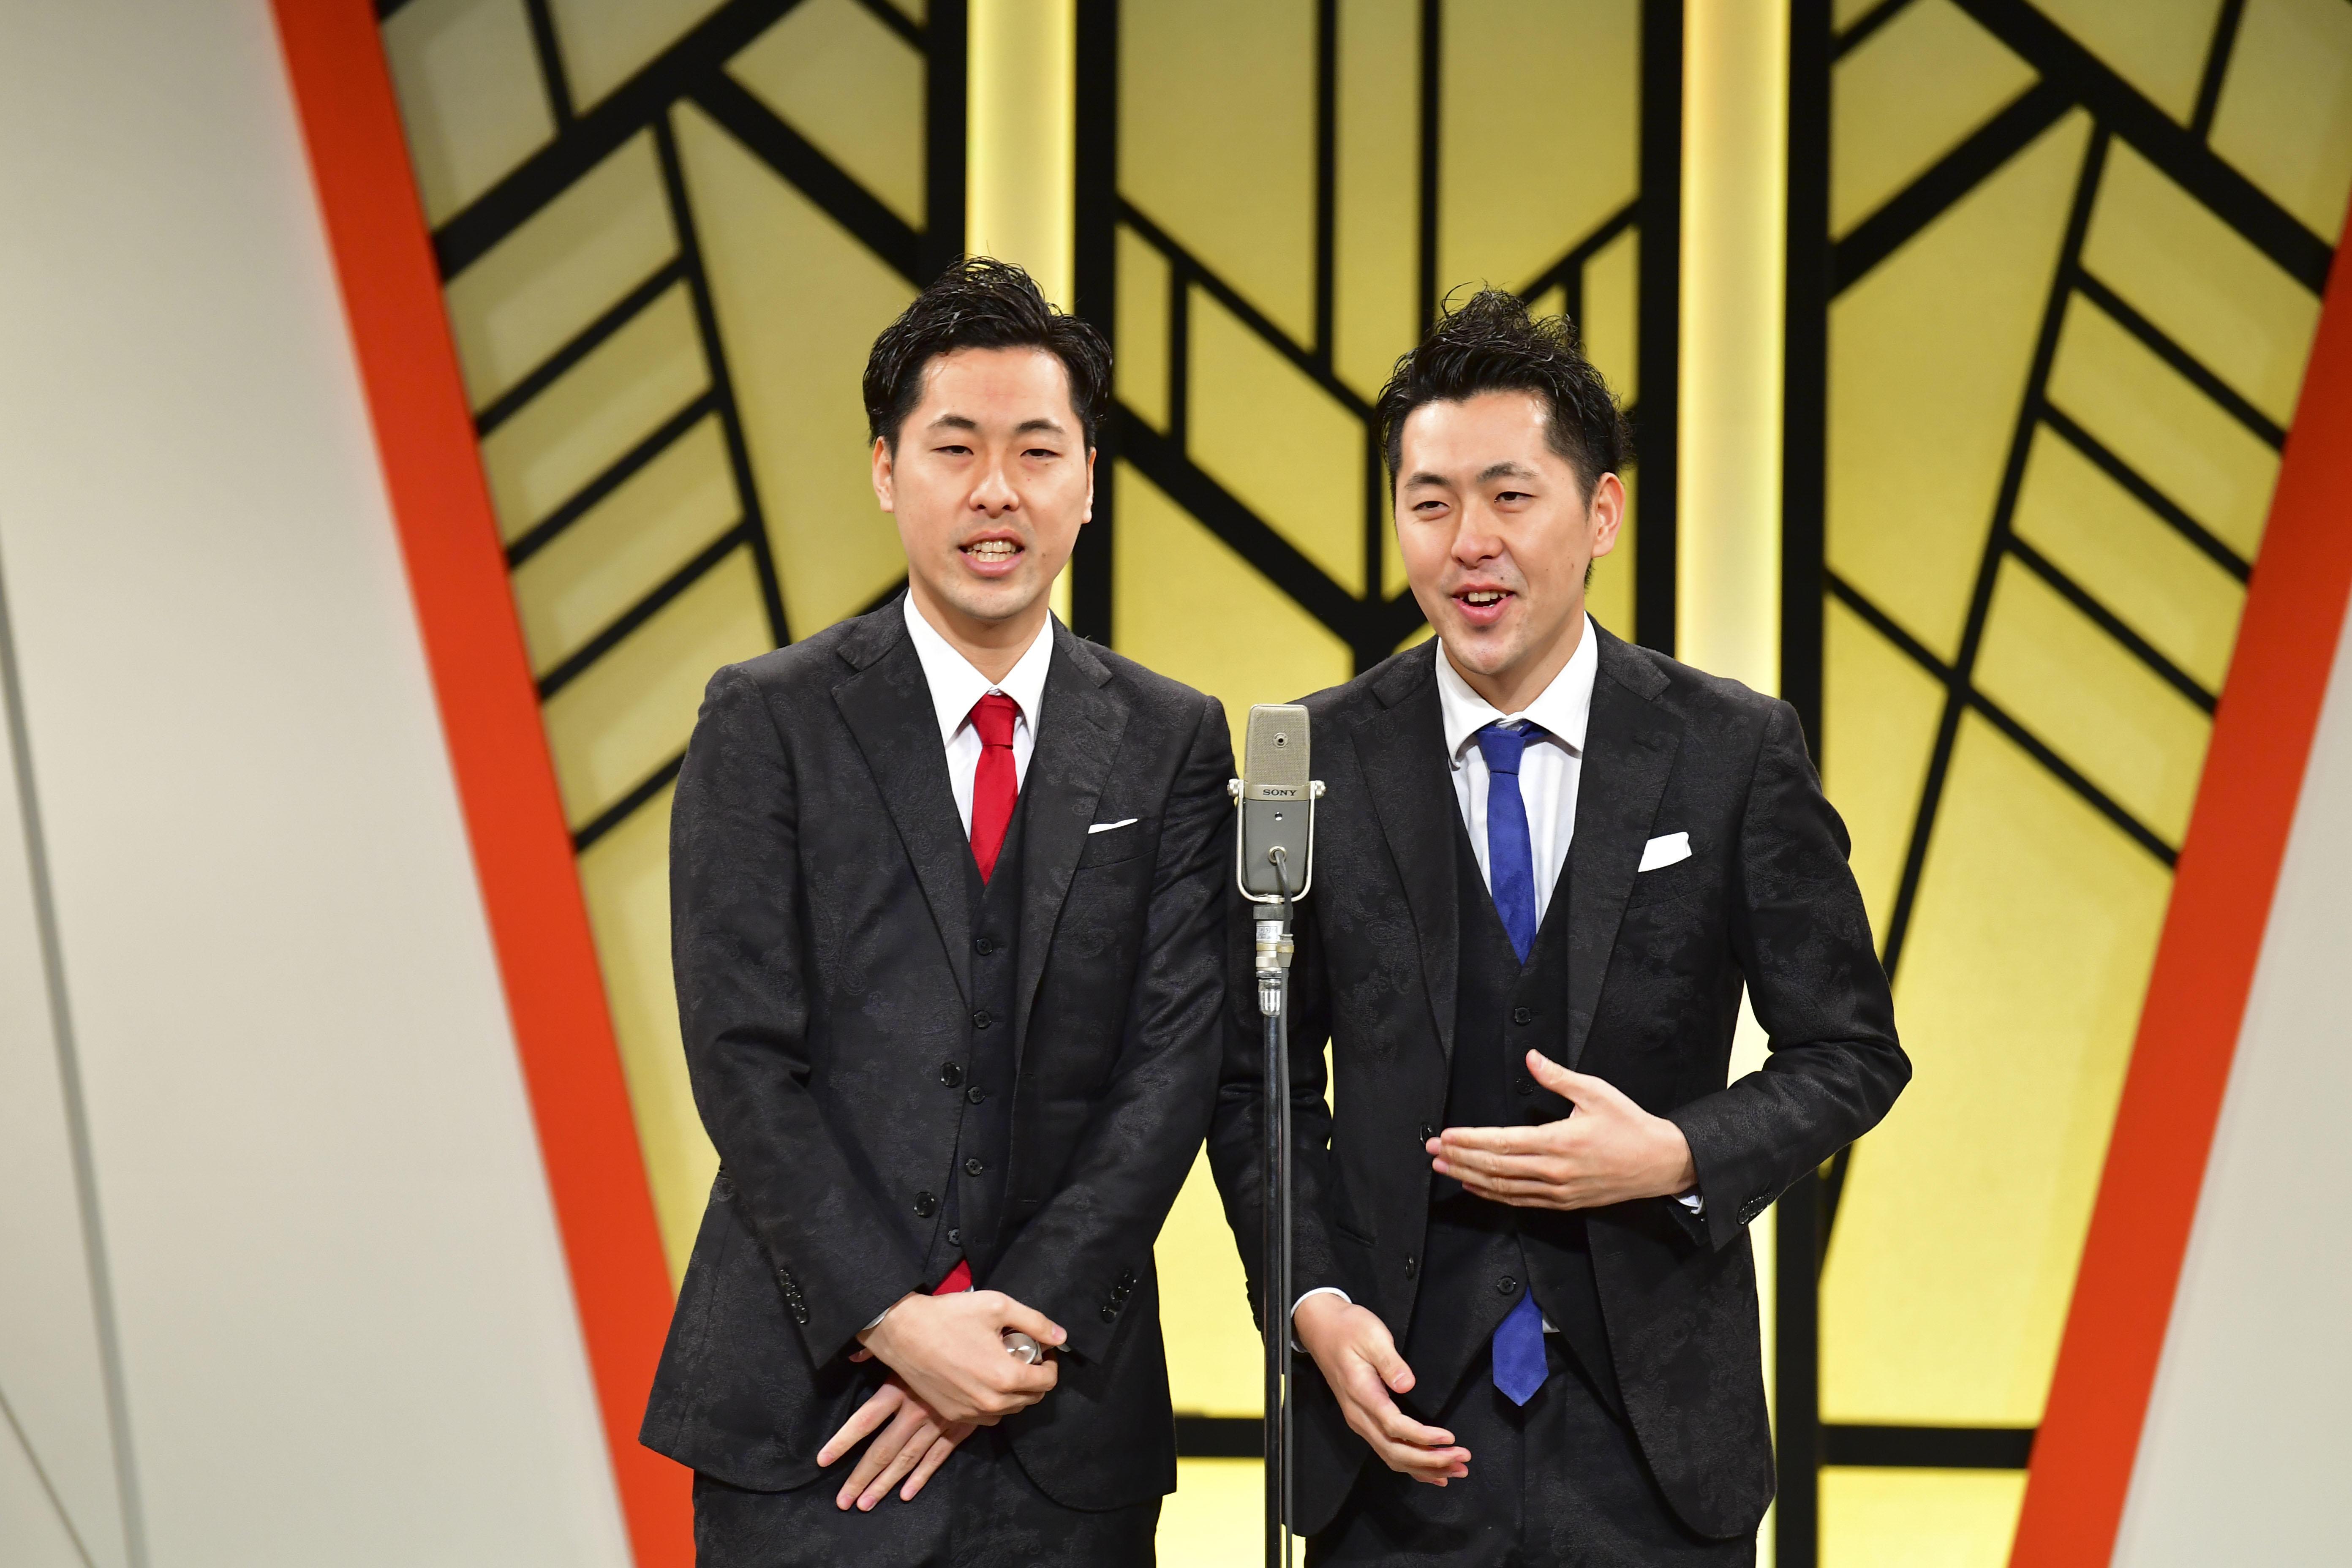 http://news.yoshimoto.co.jp/20171201191207-7847f5710aa7cb8631cbd6c9fc632a7ca452c672.jpg